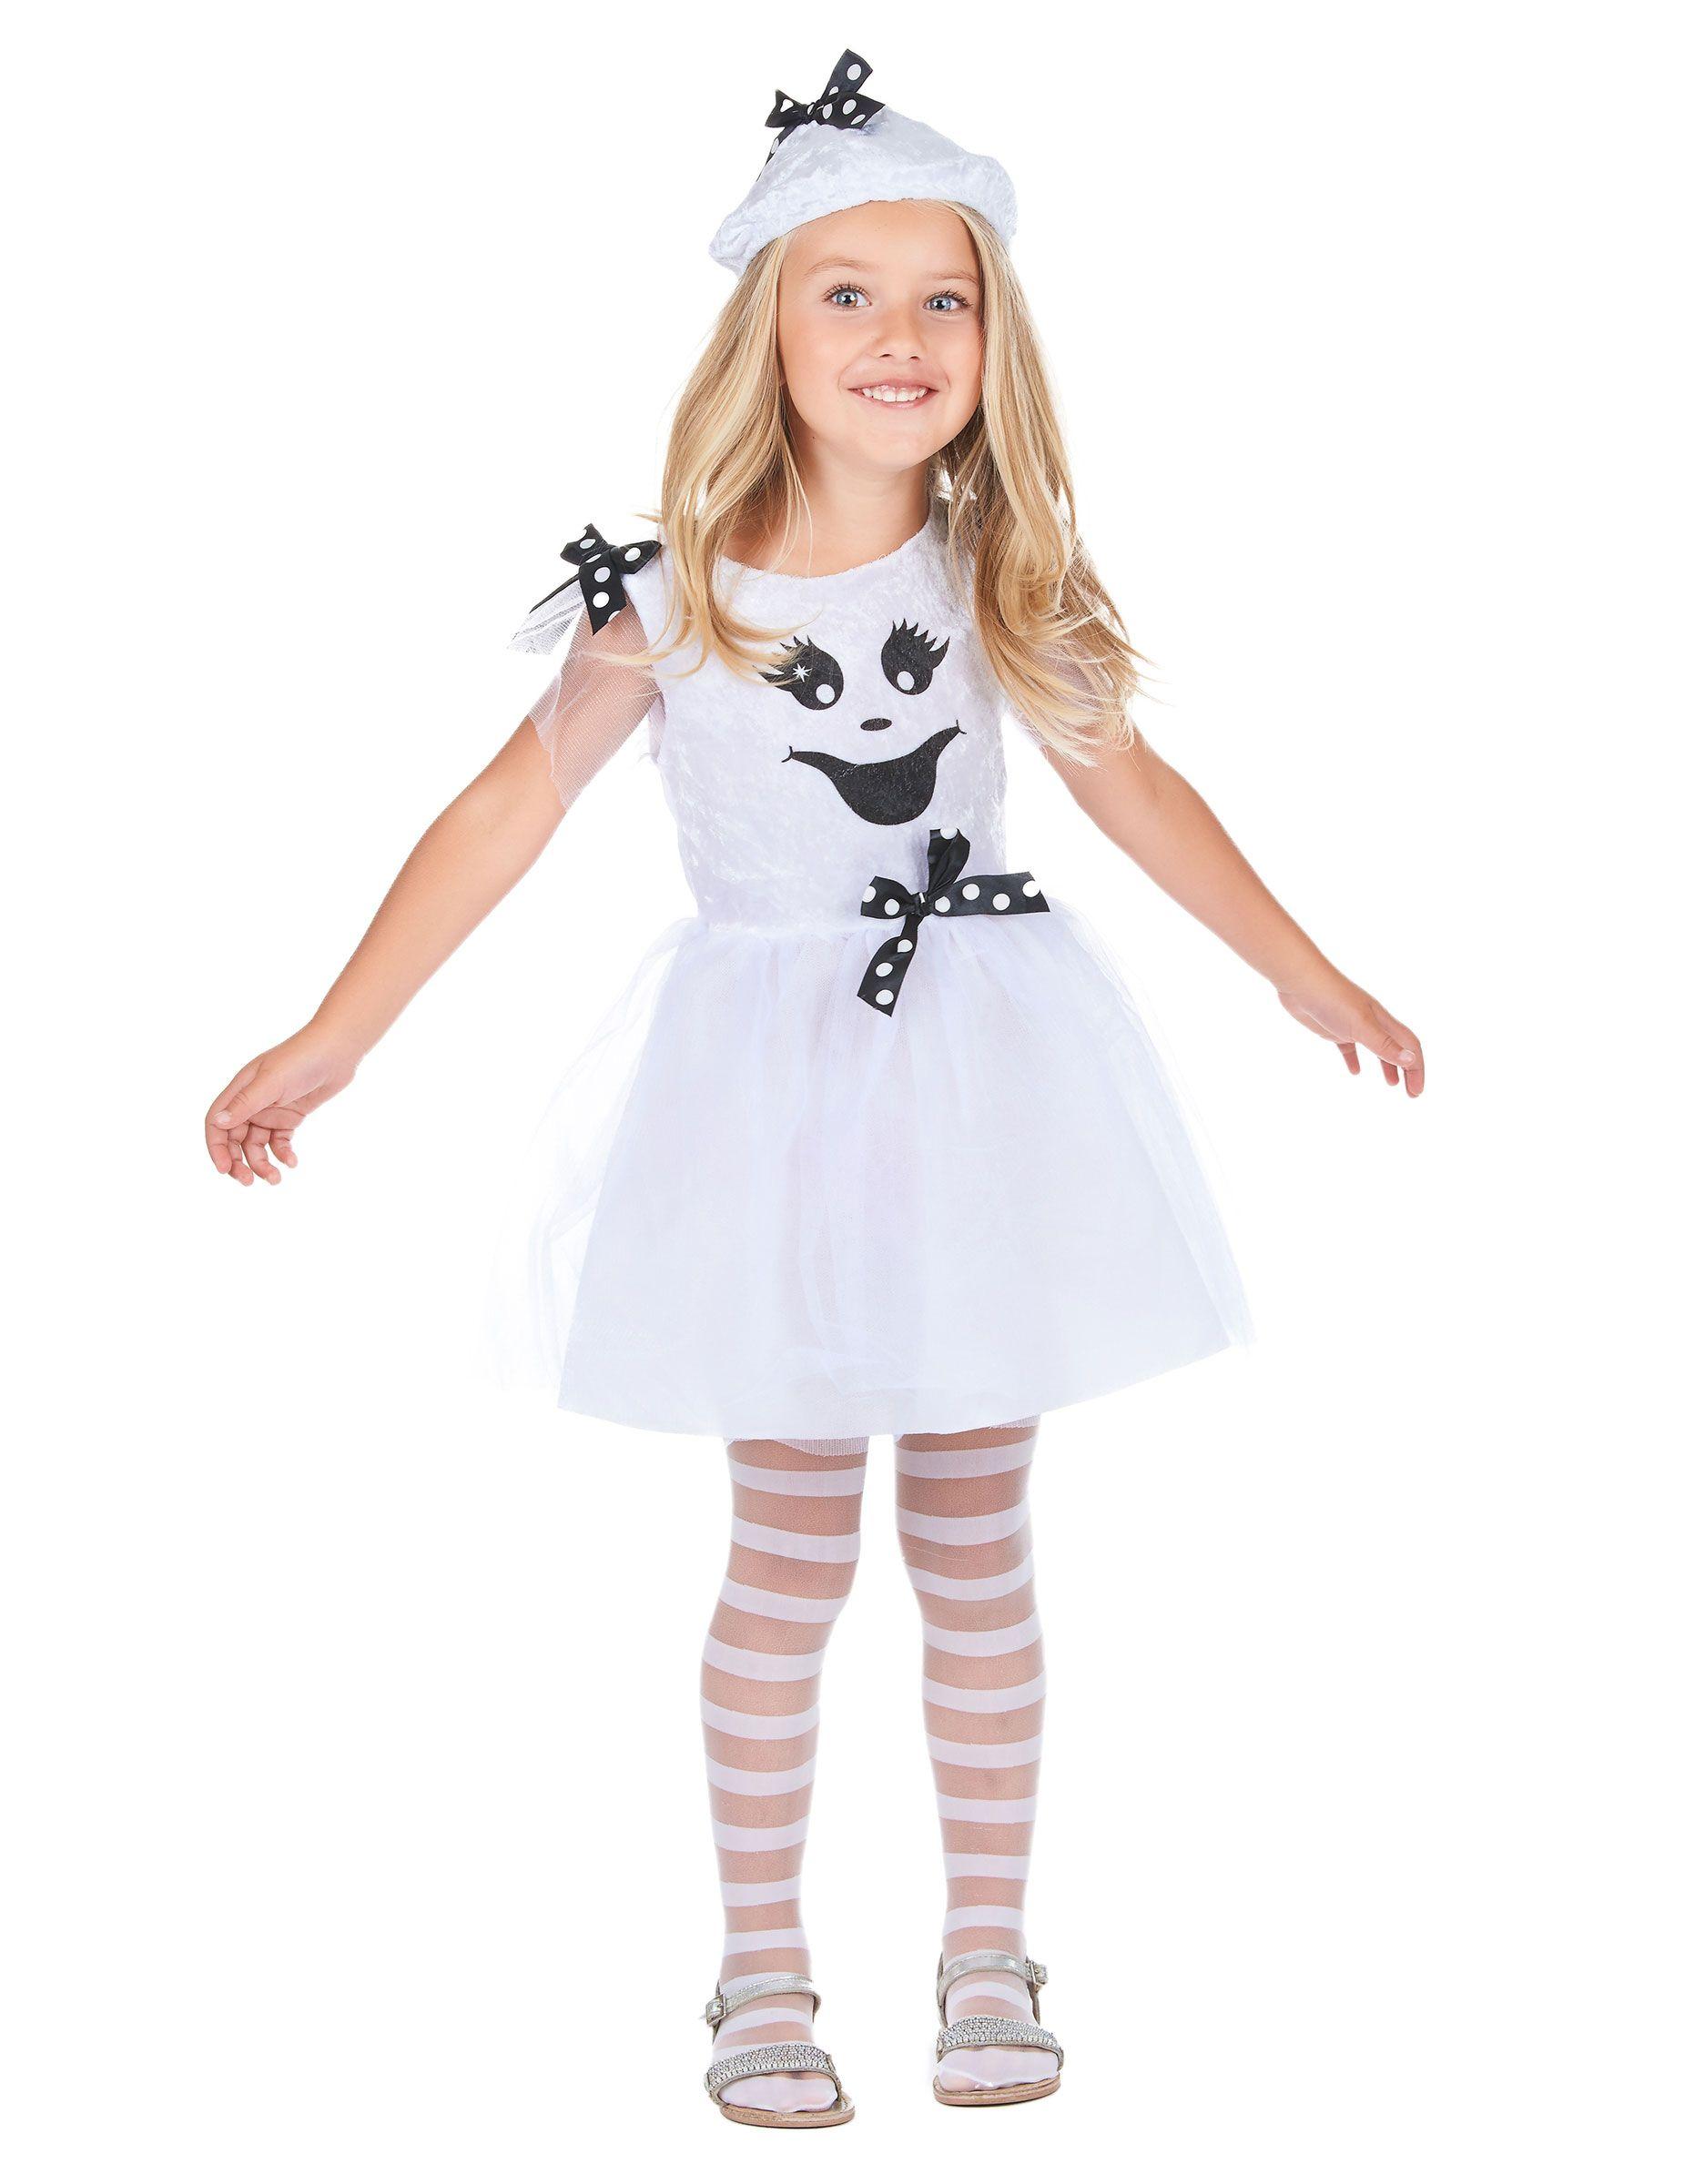 Déguisement fantôme fille : Ce déguisement de fantôme pour fille se compose d'une robe, d'un chapeau et d'une paire de collants (chaussures non incluses). Le haut de la robe est blanc dans un tissu... #deguisementfantomeenfant